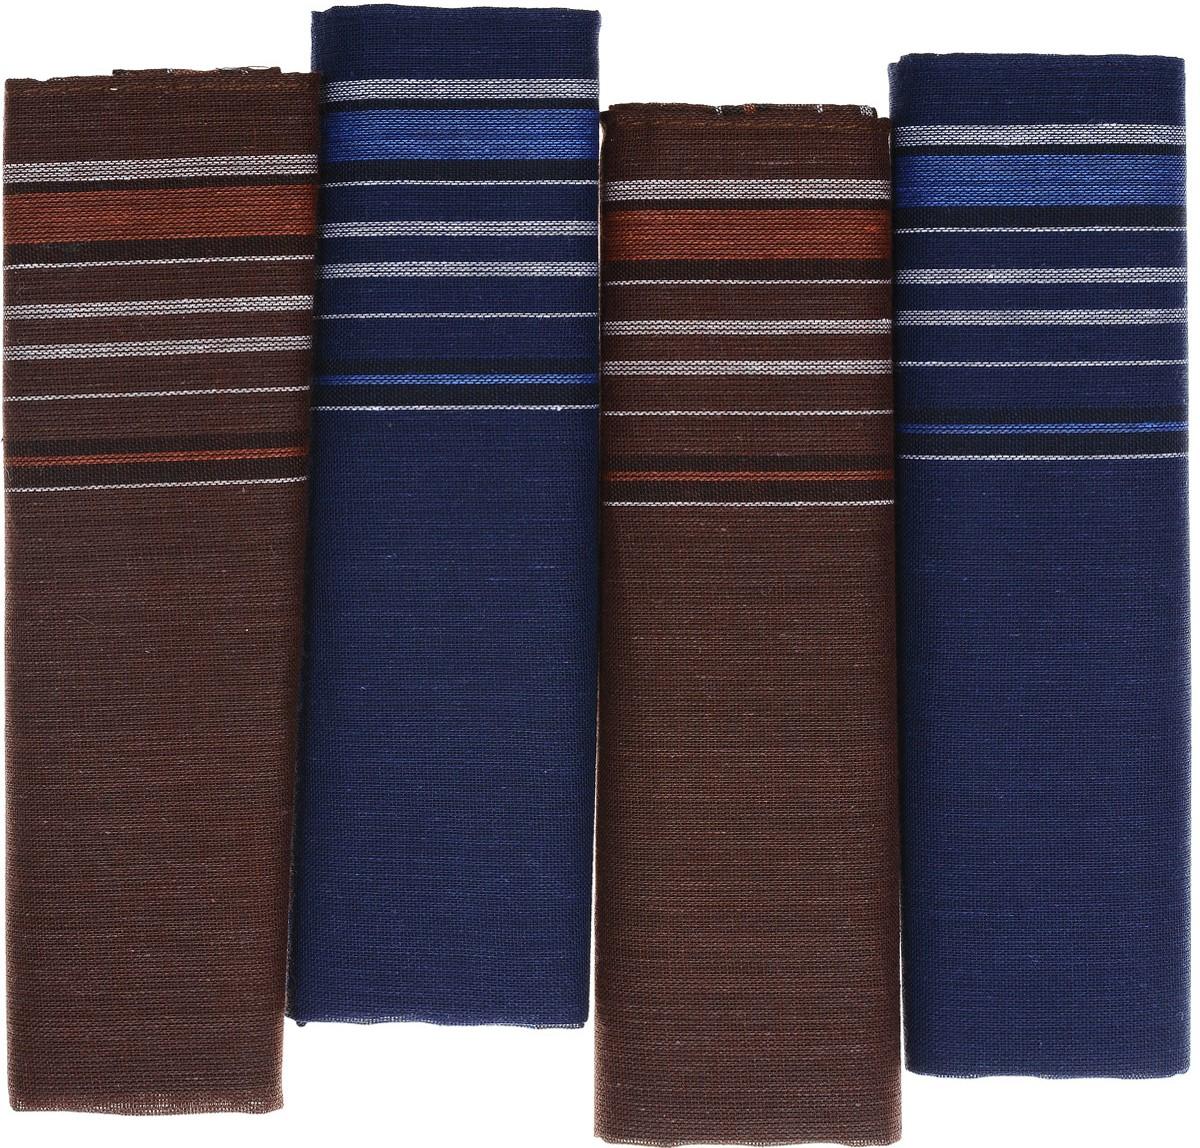 Платок носовой мужской Zlata Korunka, цвет: коричневый, синий. 71419-1. Размер 34 х 34 см, 4 шт71419-1_коричневый, синий/полоскаНосовой платок Zlata Korunka изготовлен из высококачественного натурального хлопка, благодаря чему приятен в использовании, хорошо стирается, не садится и отлично впитывает влагу. Практичный носовой платок будет незаменим в повседневной жизни любого современного человека. Такой платок послужит стильным аксессуаром и подчеркнет ваше превосходное чувство вкуса. В комплекте 4 платка.